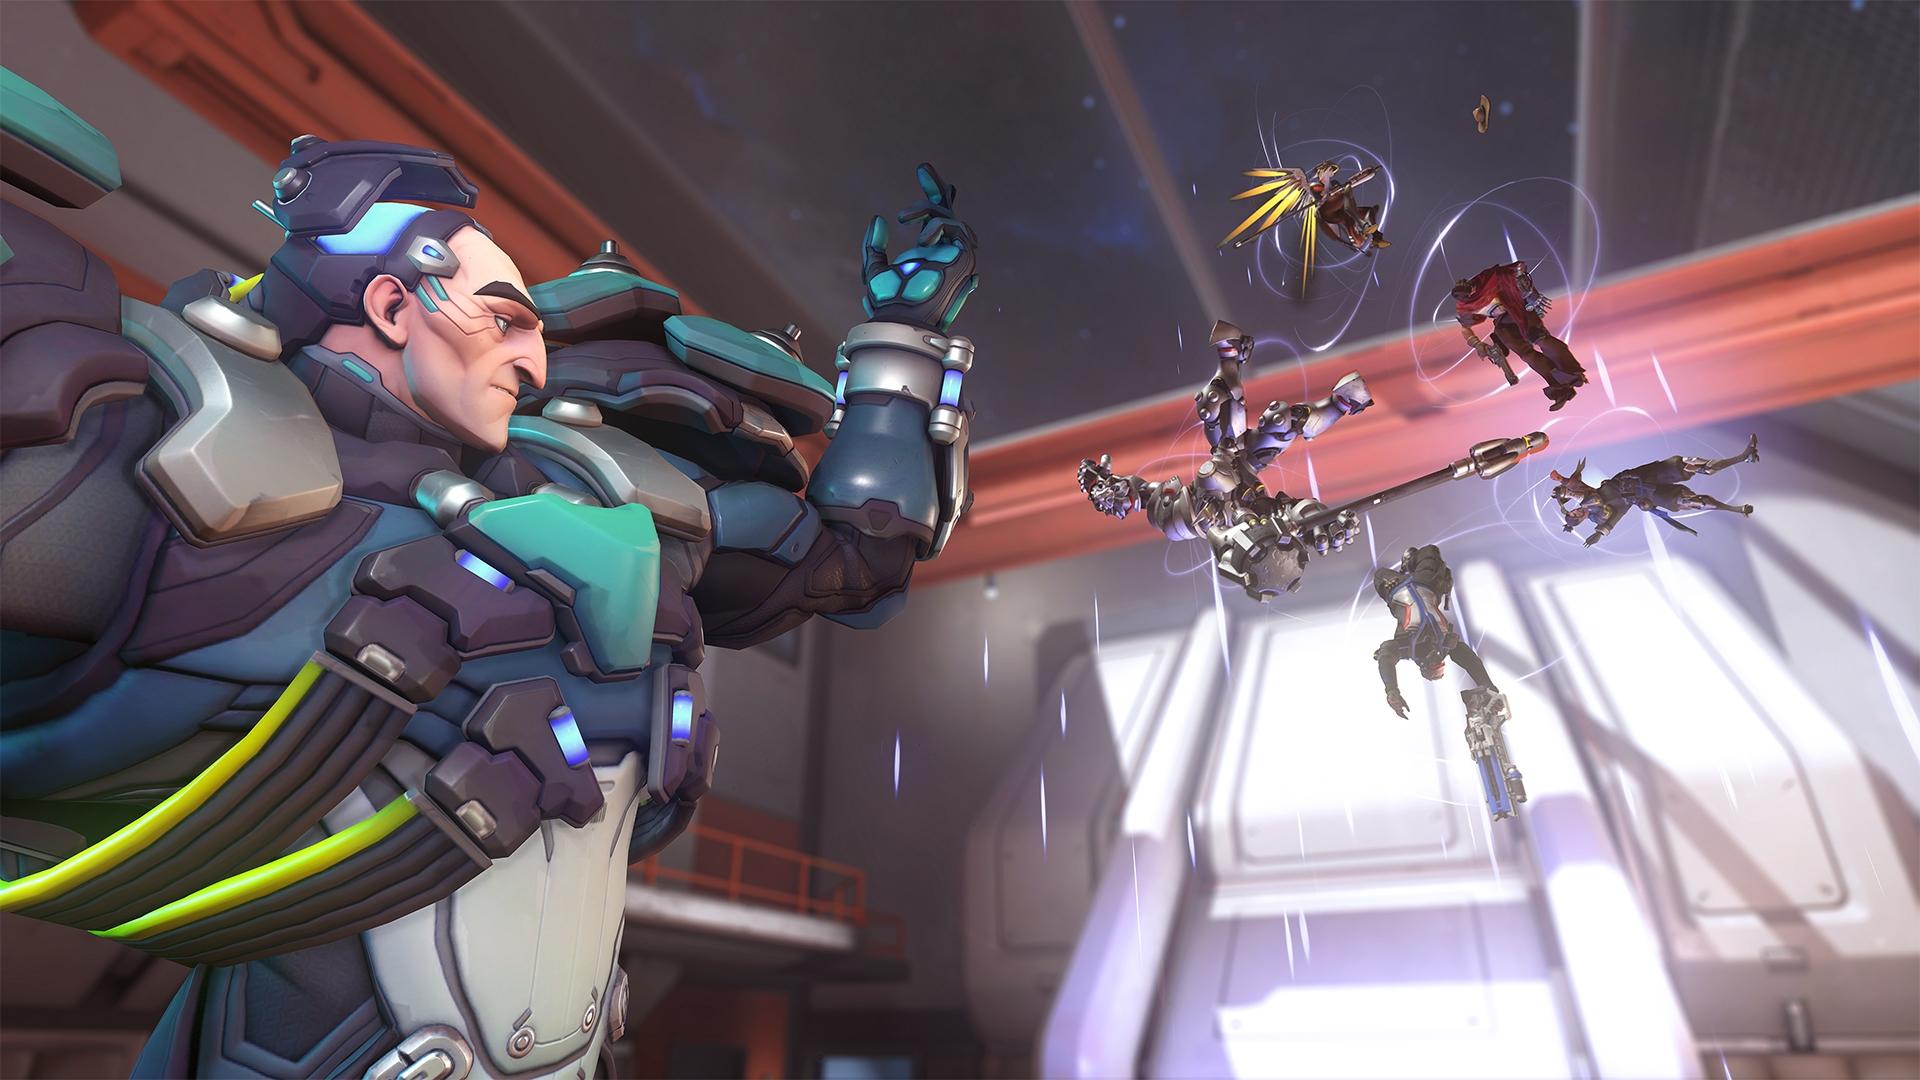 Le personnage Sigman dans le jeu Overwatch